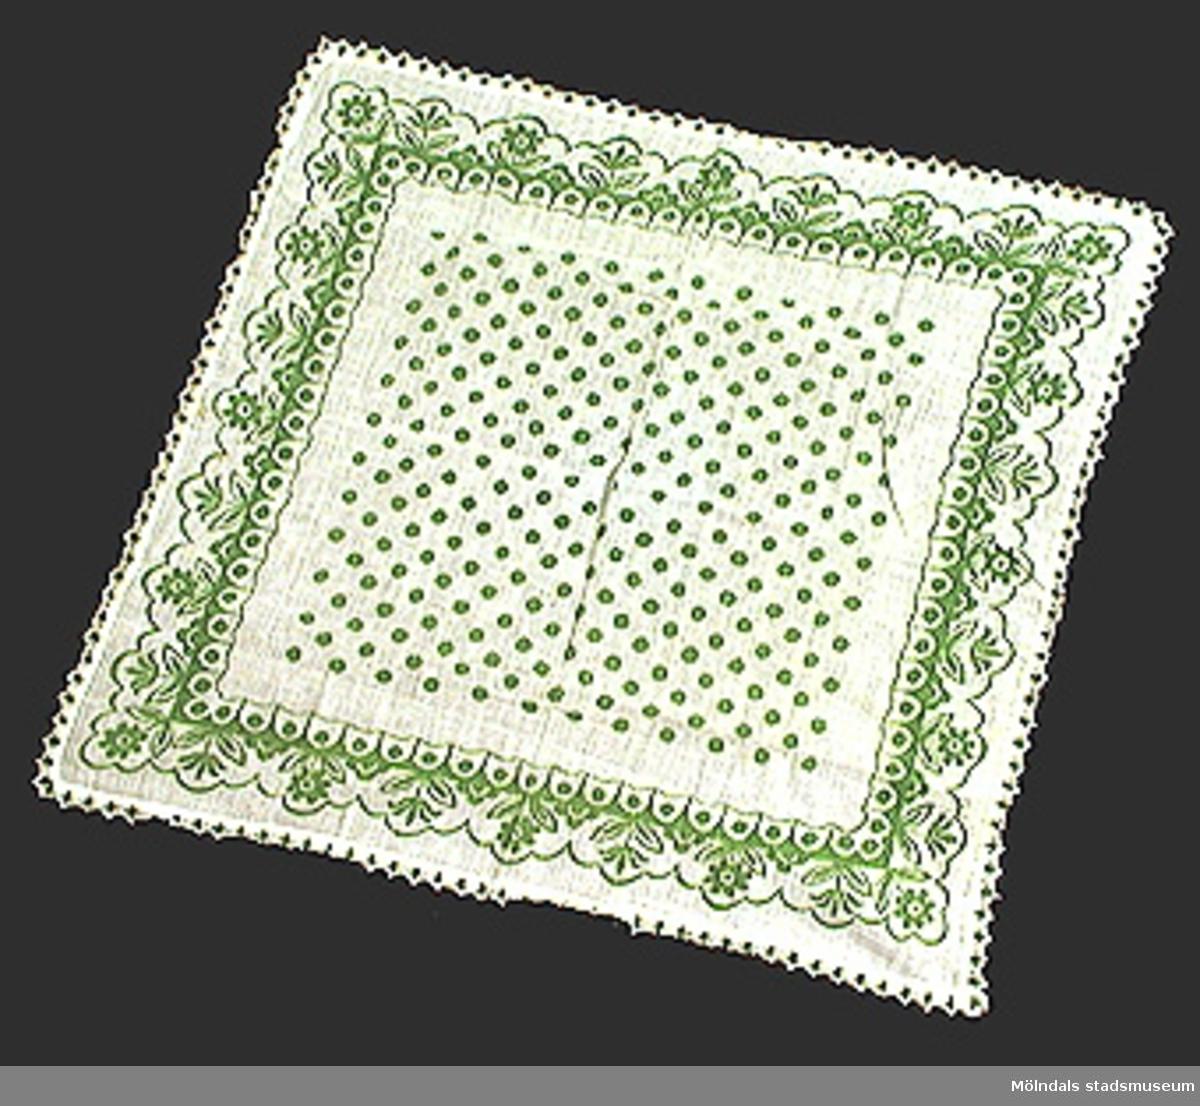 Vit bomullsduk med tryckta gröna prickar, samt grön mönsterbård och grön/vit spets runt om.